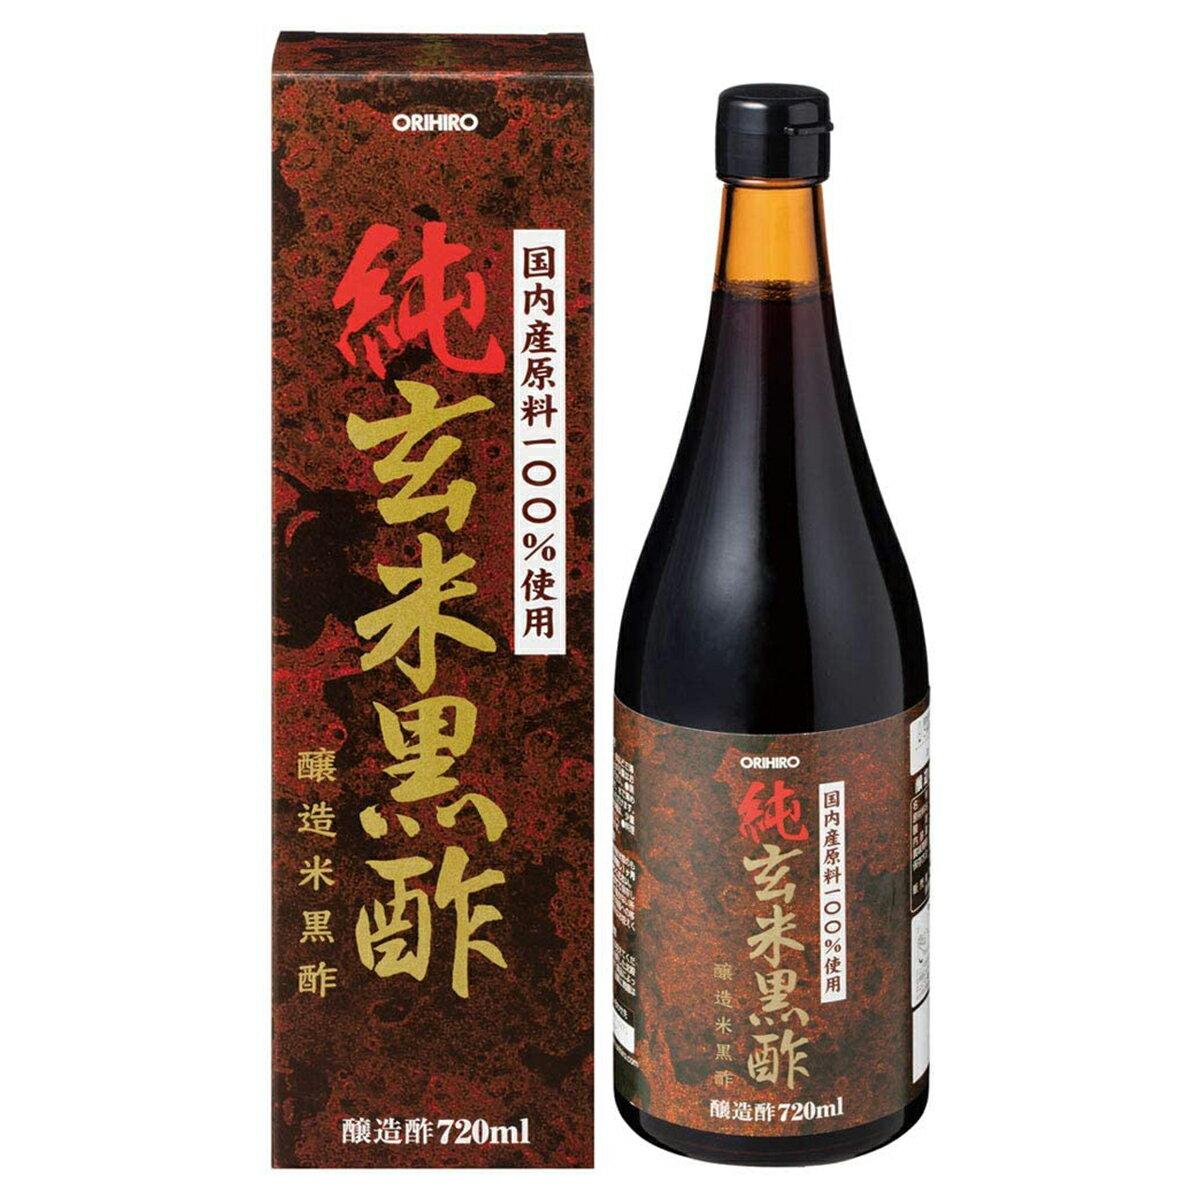 オリヒロ 純玄米黒酢(720ml)